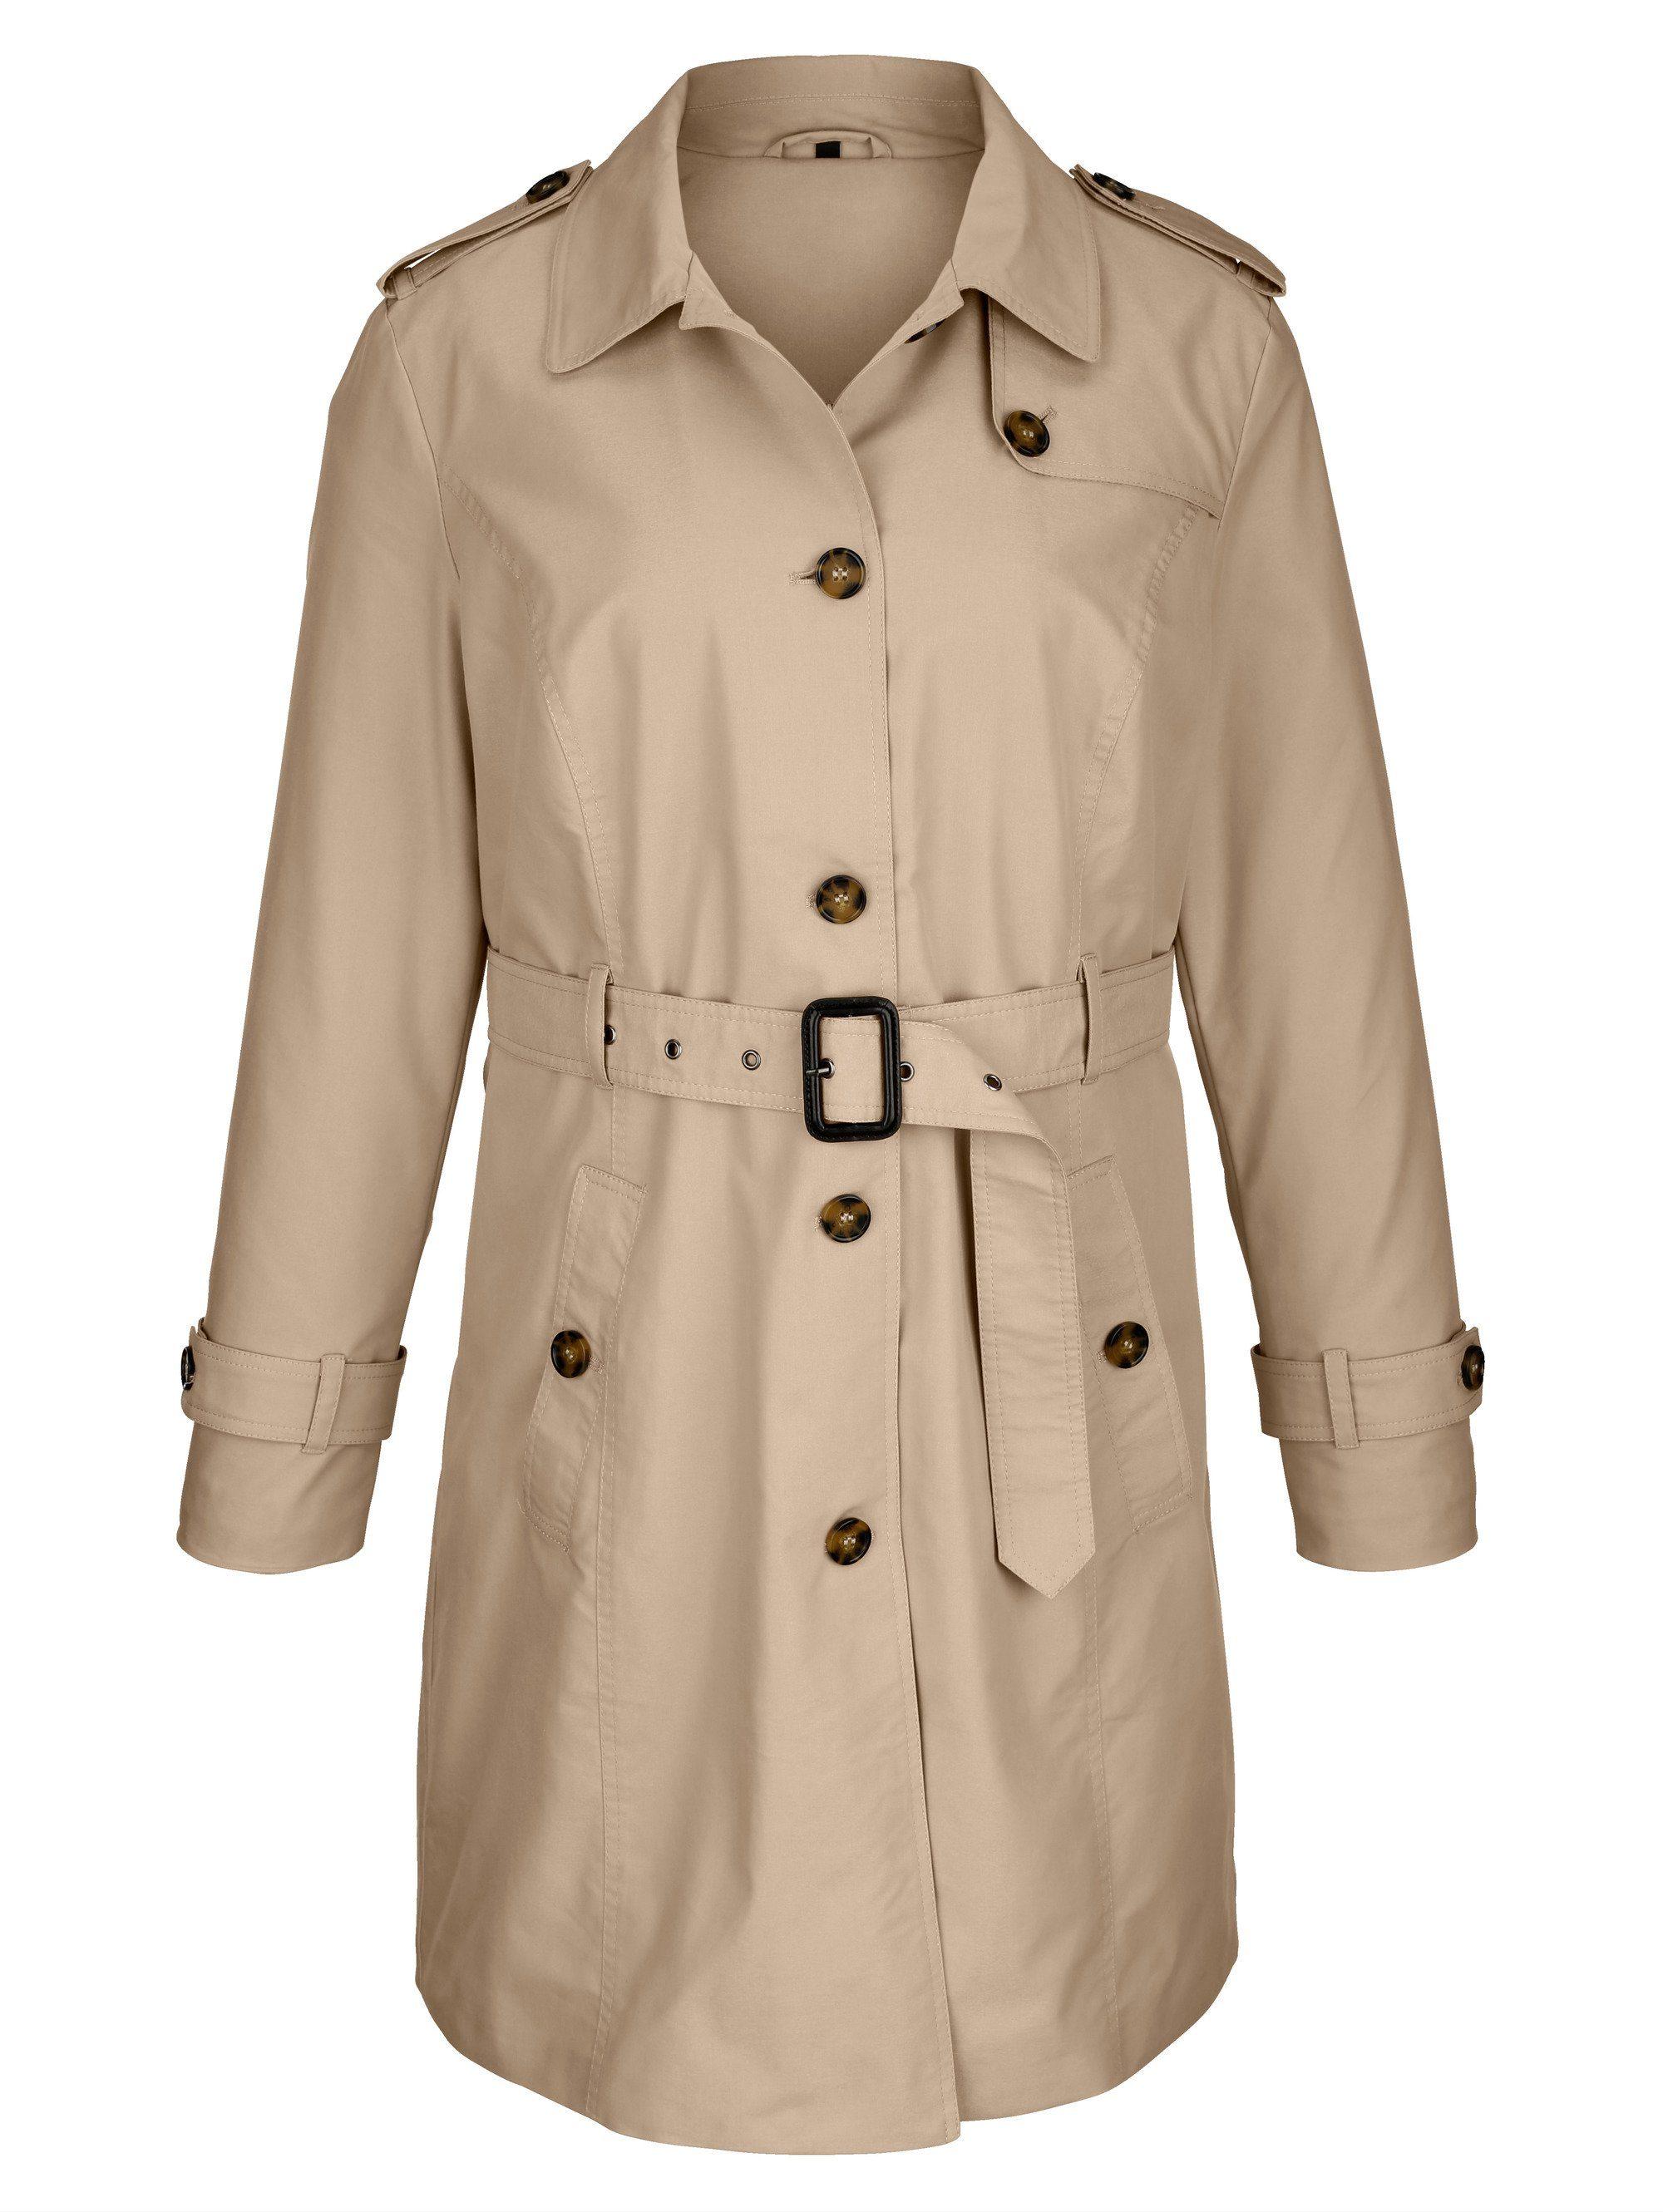 MIAMODA Trenchcoat in der Taille mit Gürtel und Schnalle zum Schließen   Bekleidung > Mäntel > Trenchcoats   Polyester - Baumwolle   Miamoda